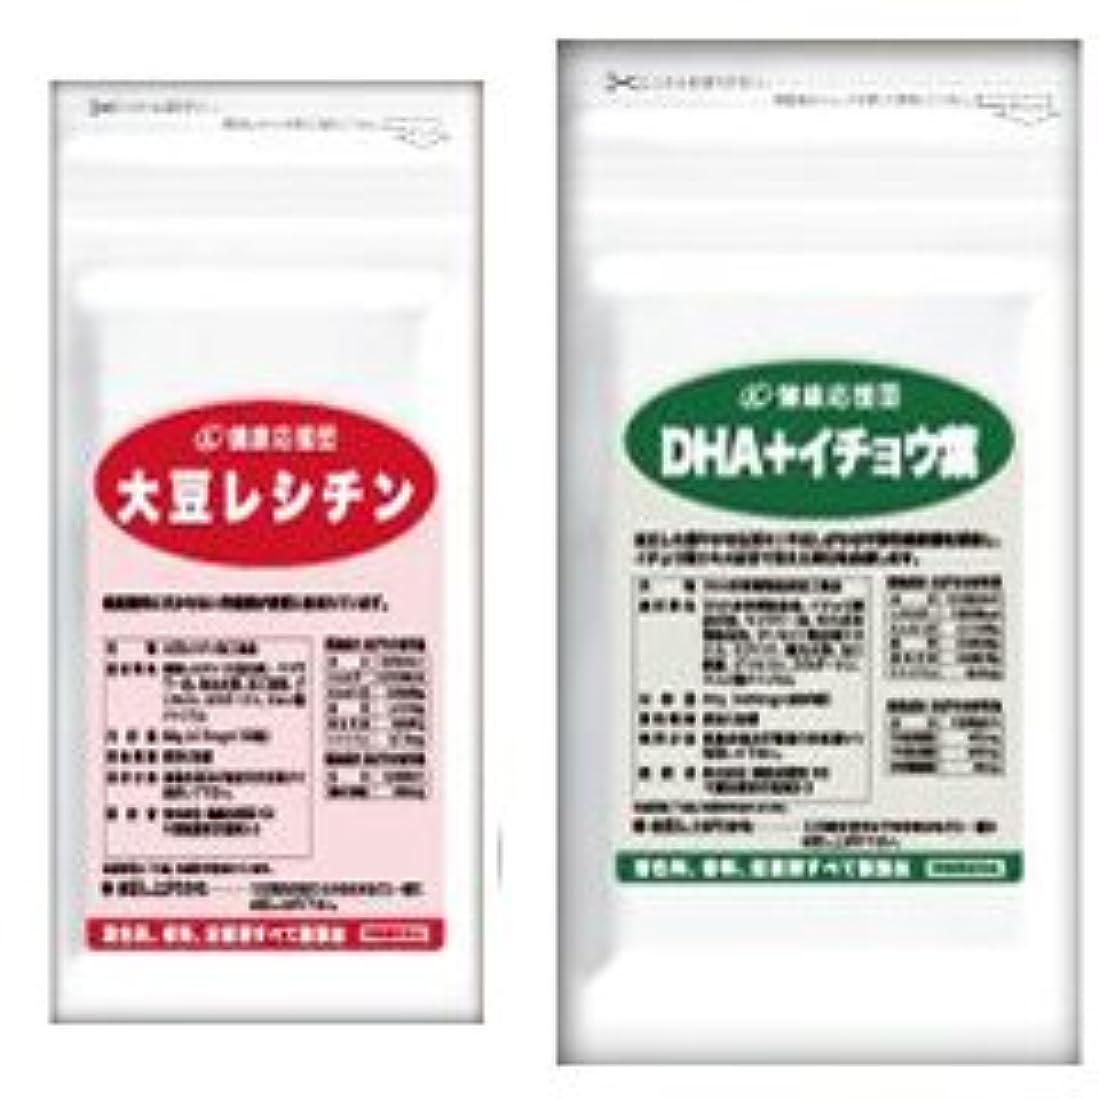 悲観主義者脅かすハプニング流れサラサラセット 大豆レシチン+(DHA+イチョウ葉) (DHA?EPA?イチョウ葉)